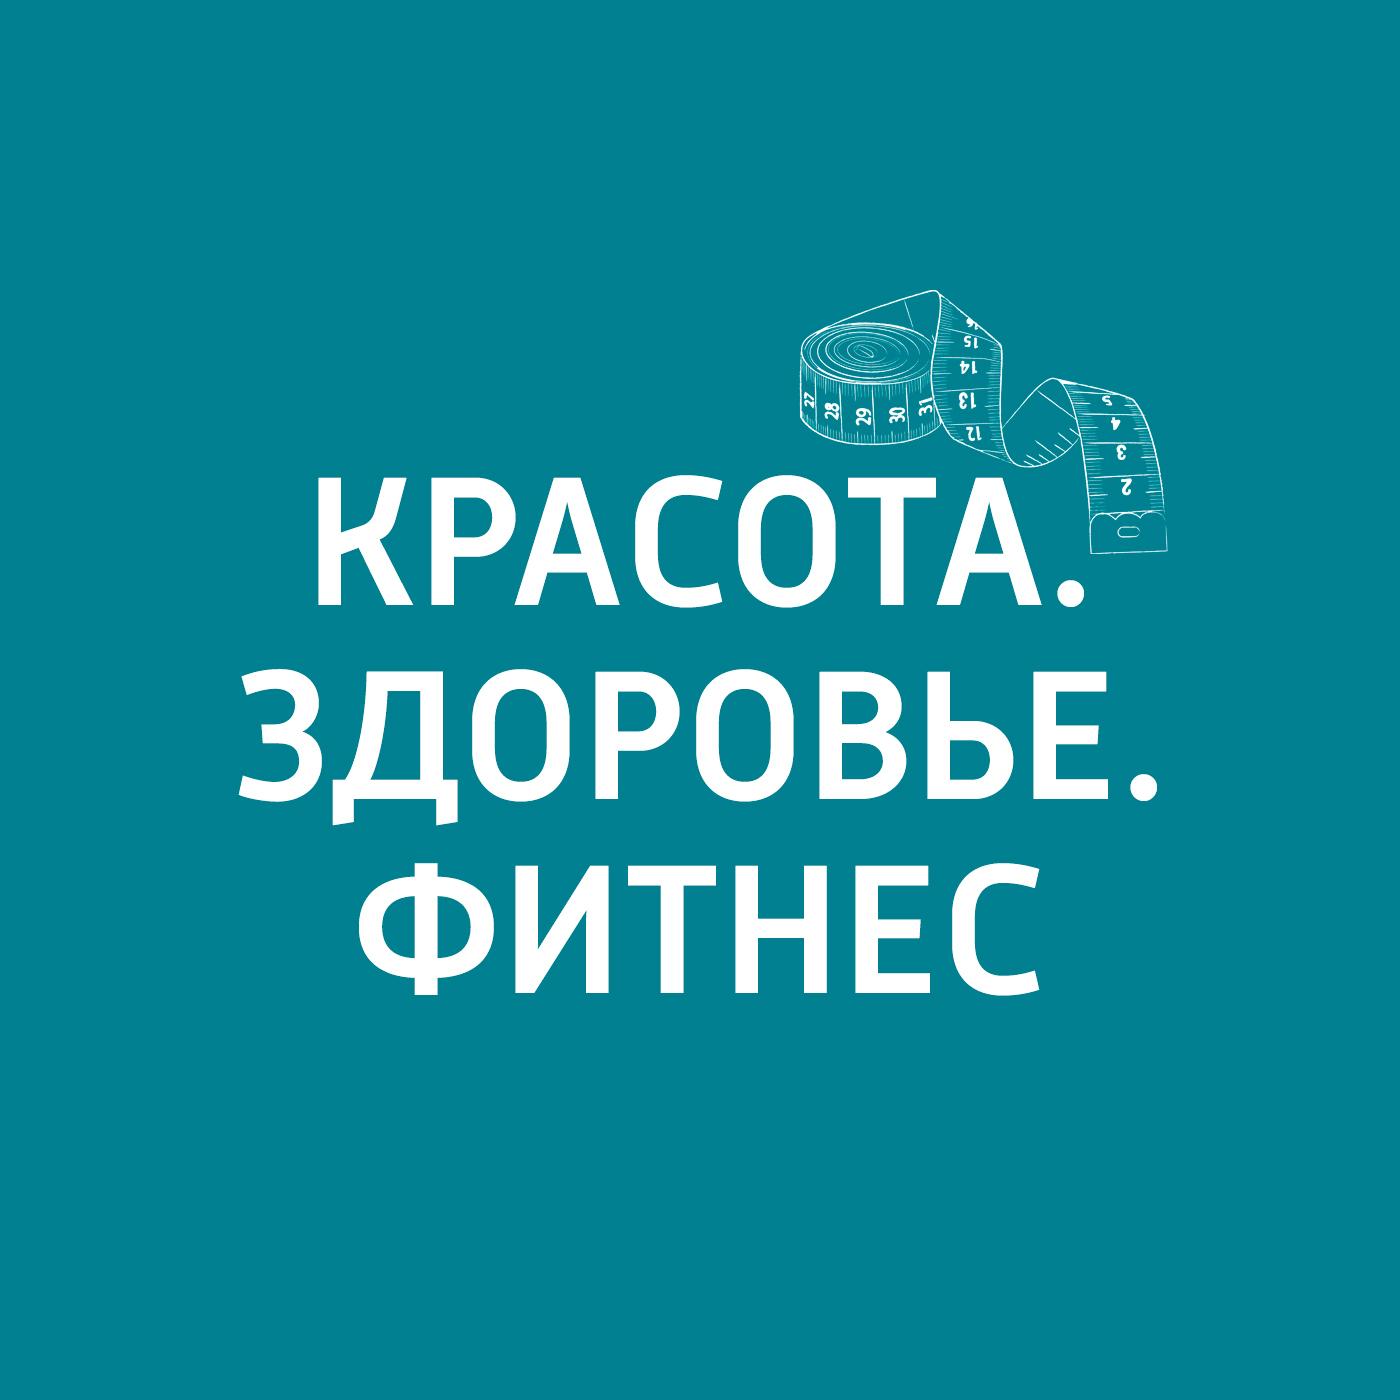 Маргарита Митрофанова Парфюмерия парфюмерия адидас